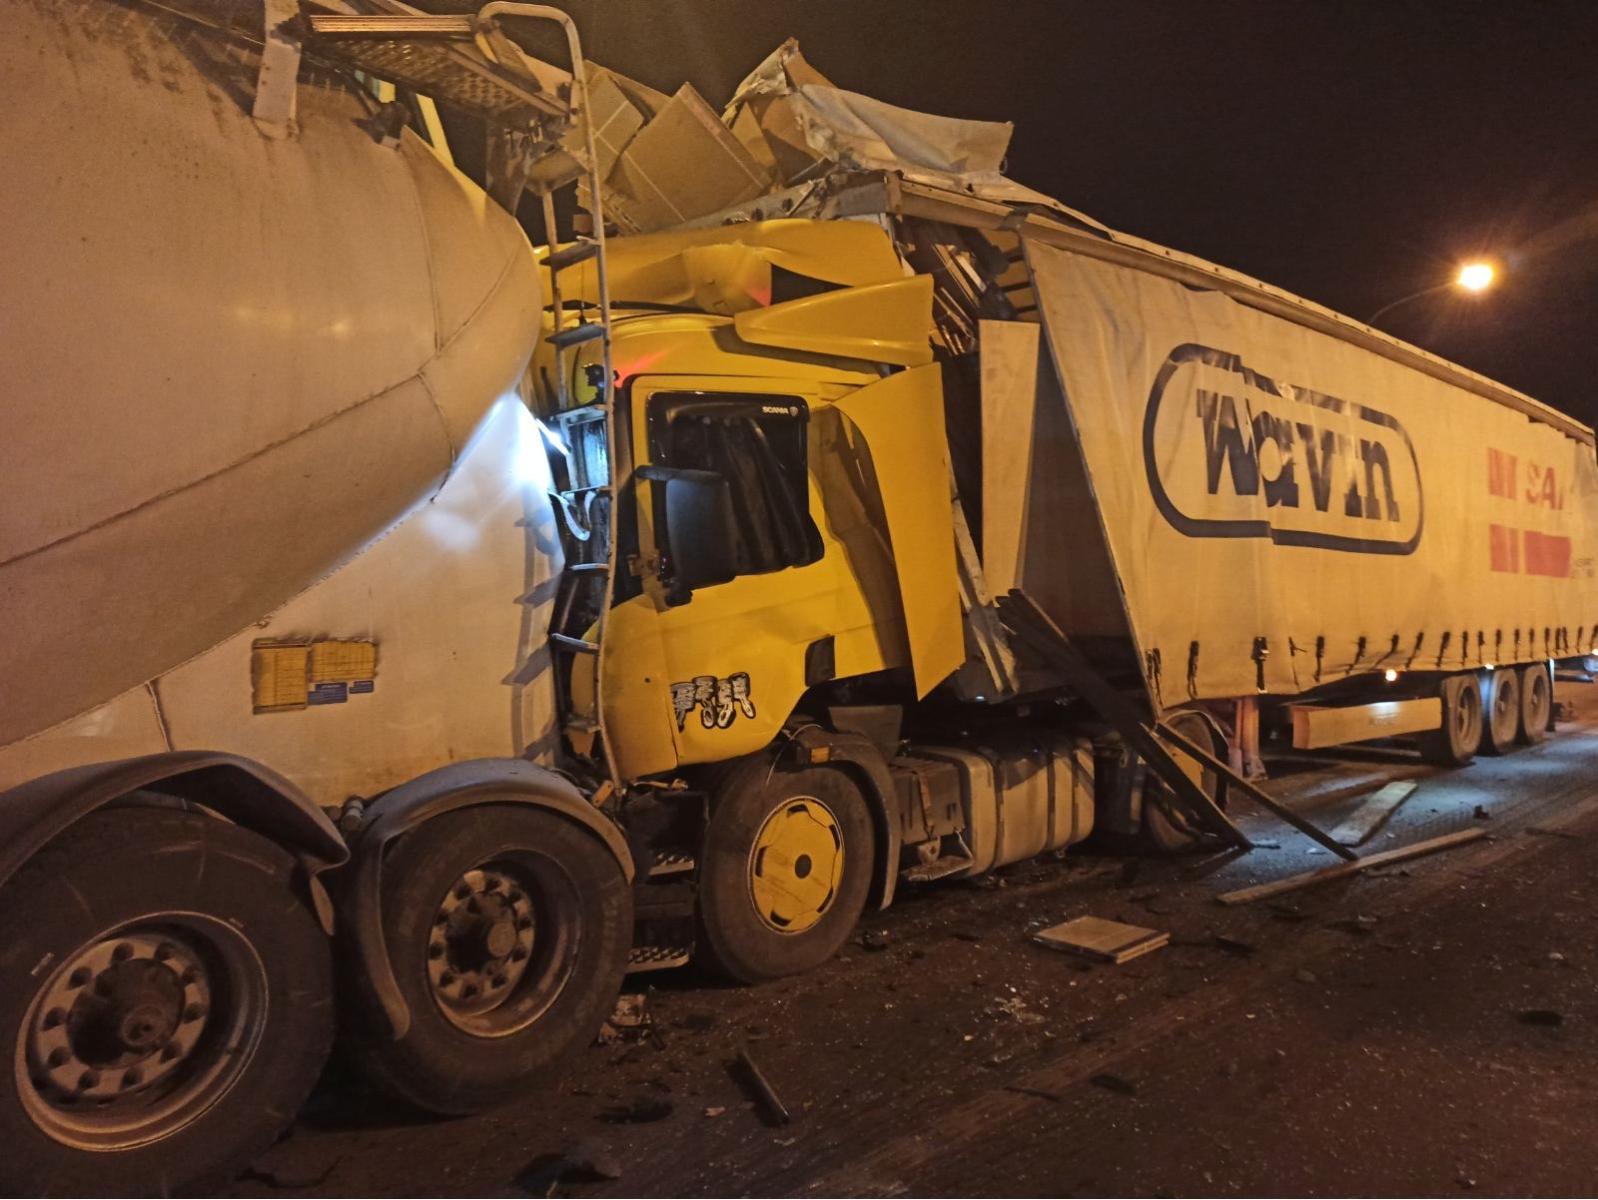 В Самарской области на М-5 столкнулись грузовик и цементовоз. Есть пострадавший